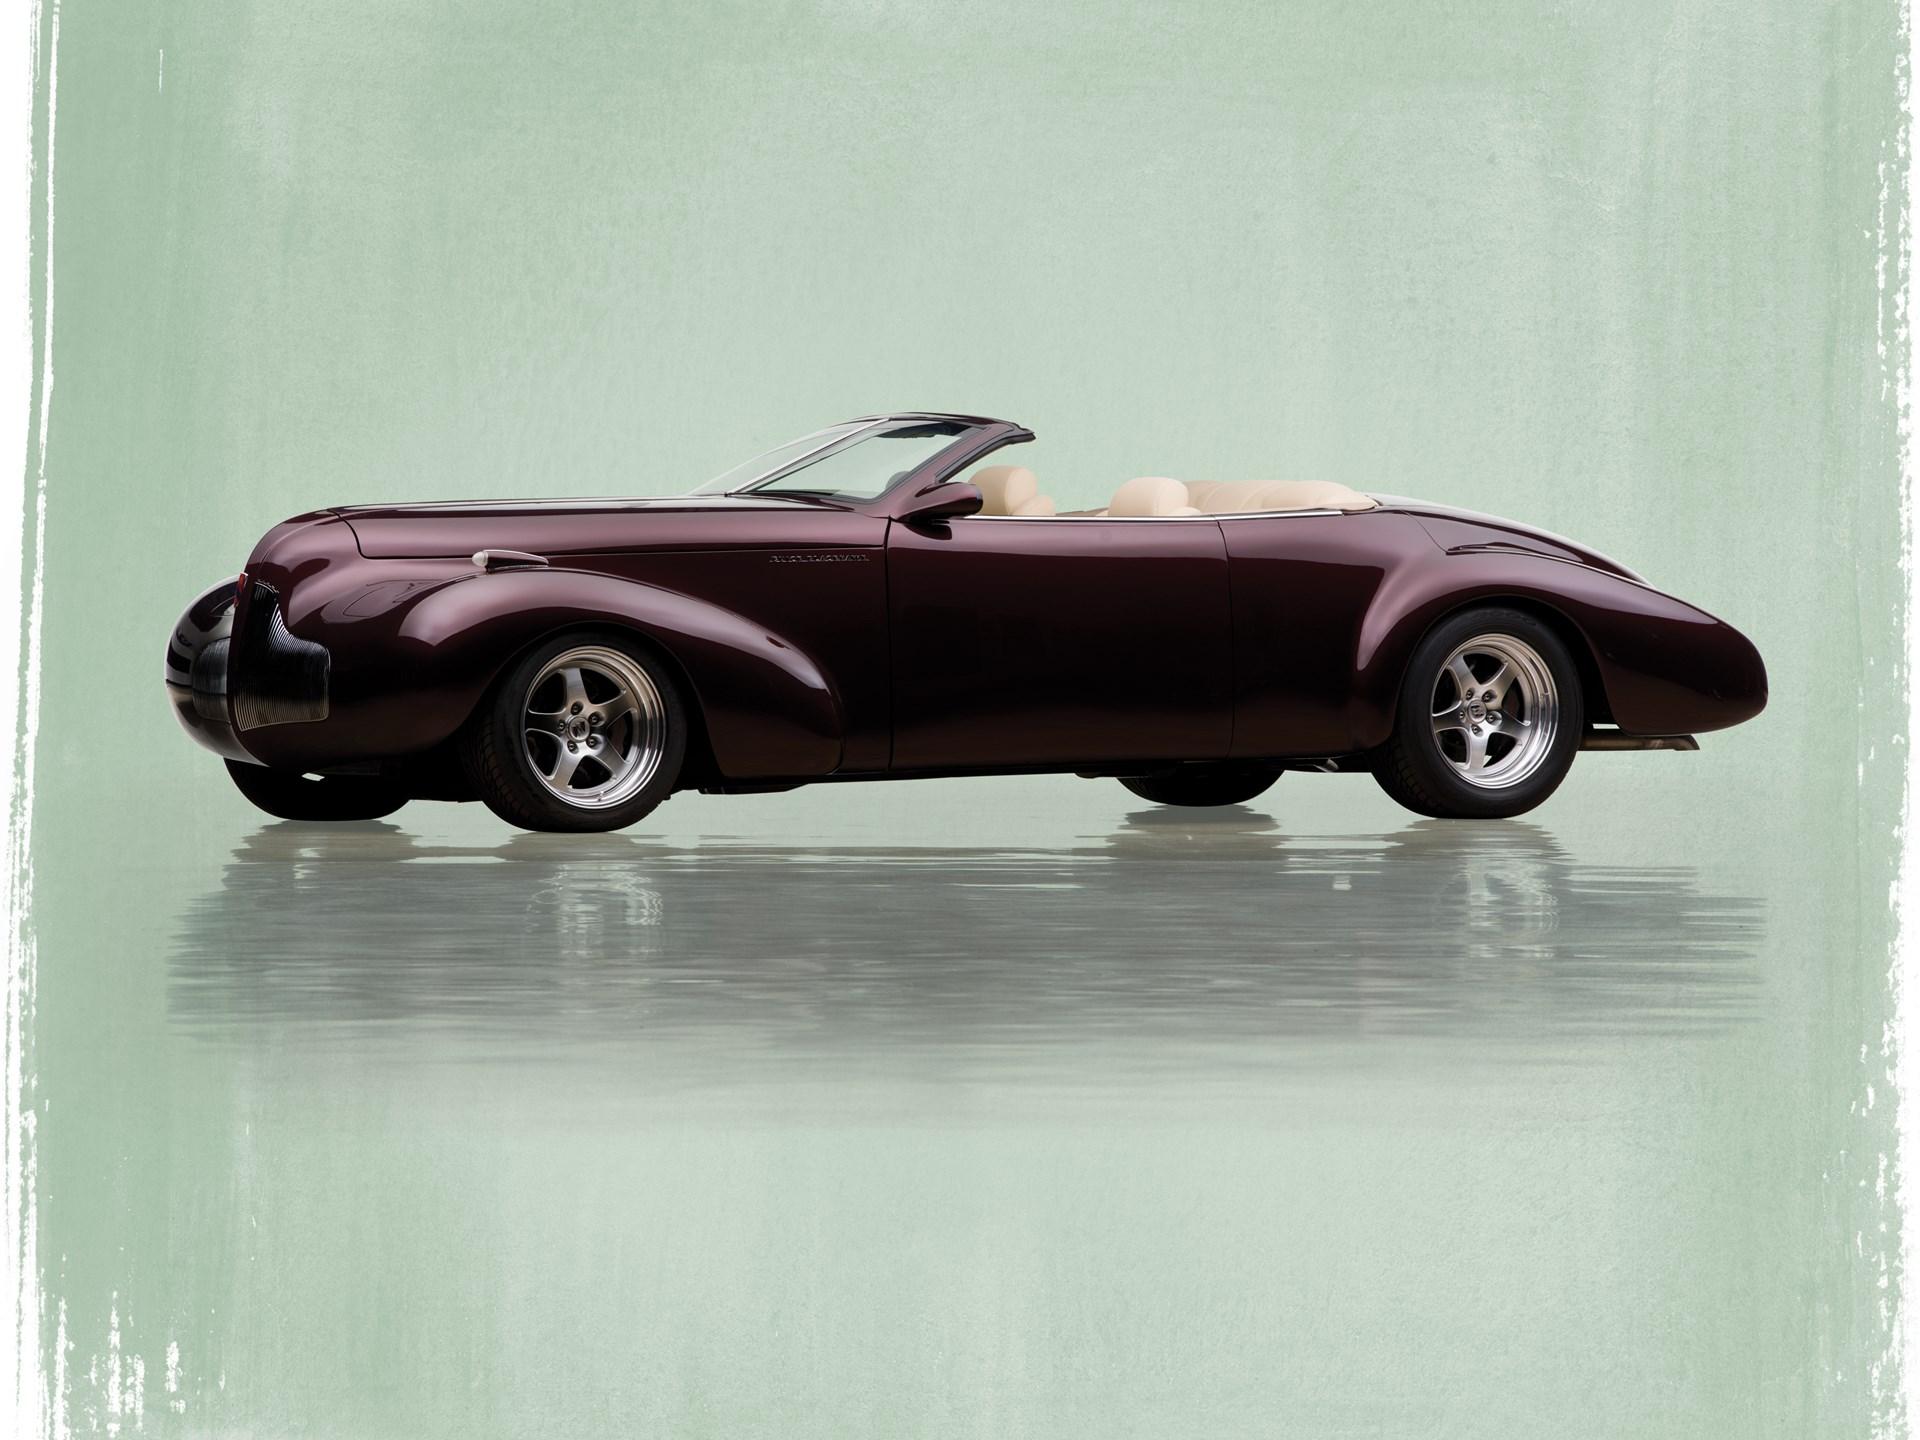 2000 Buick Blackhawk Factory Custom